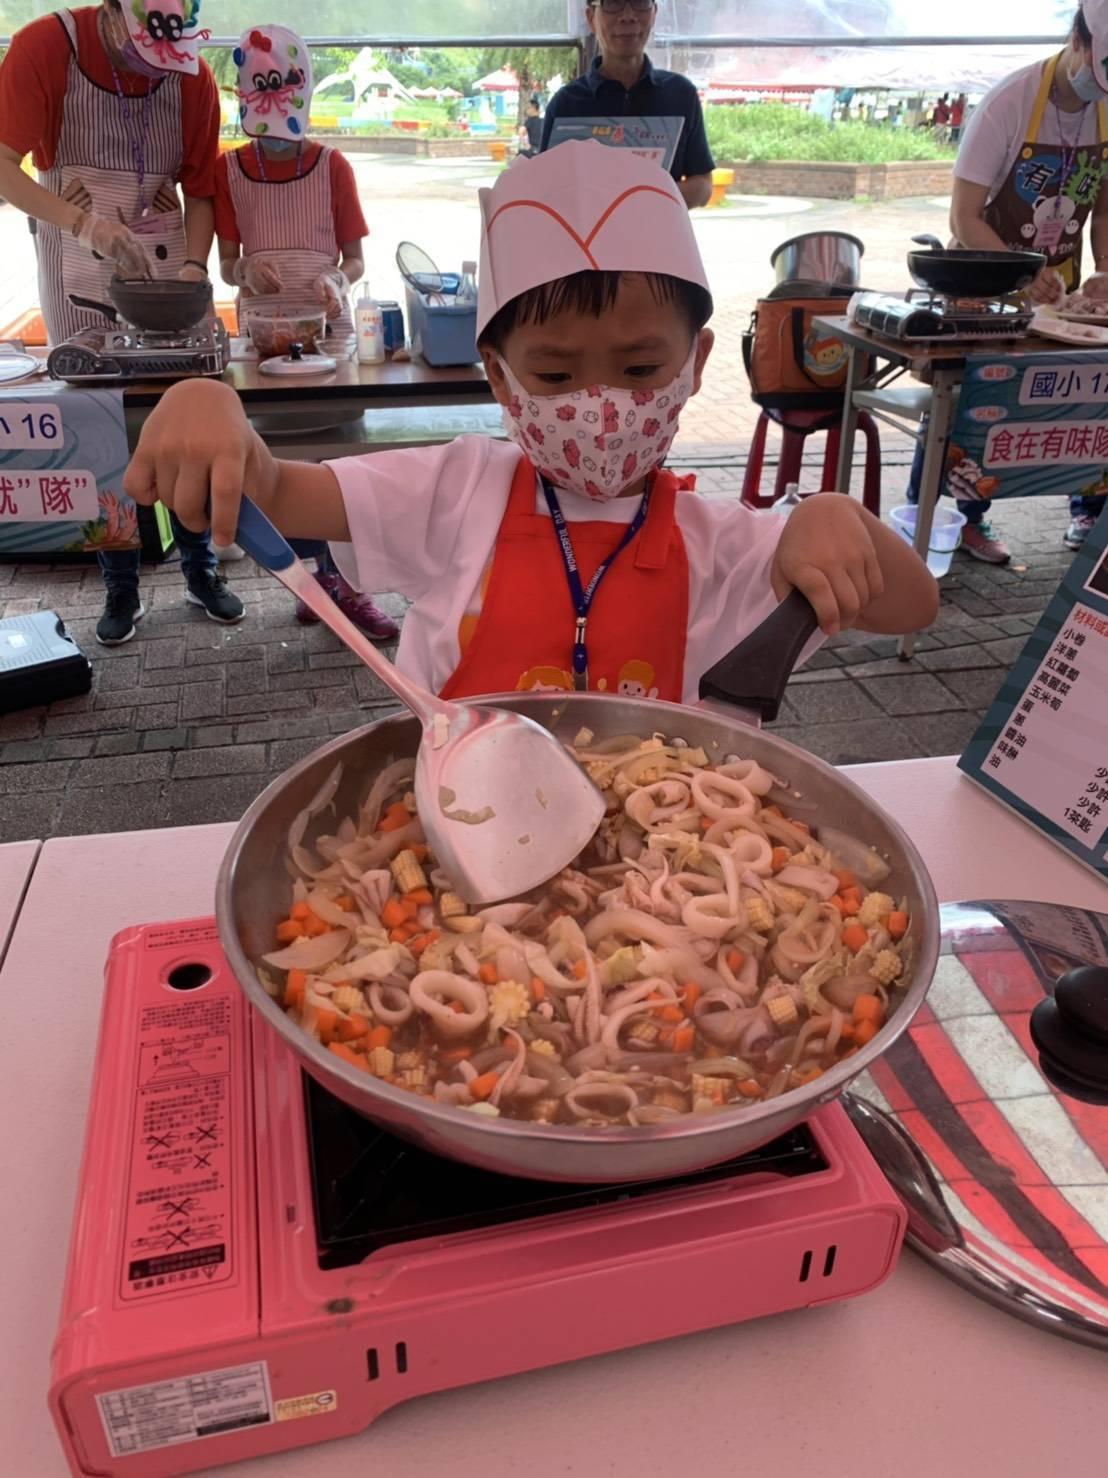 基隆市政府舉辦小卷料理比賽,參賽者大顯身手。圖/基隆市政府提供